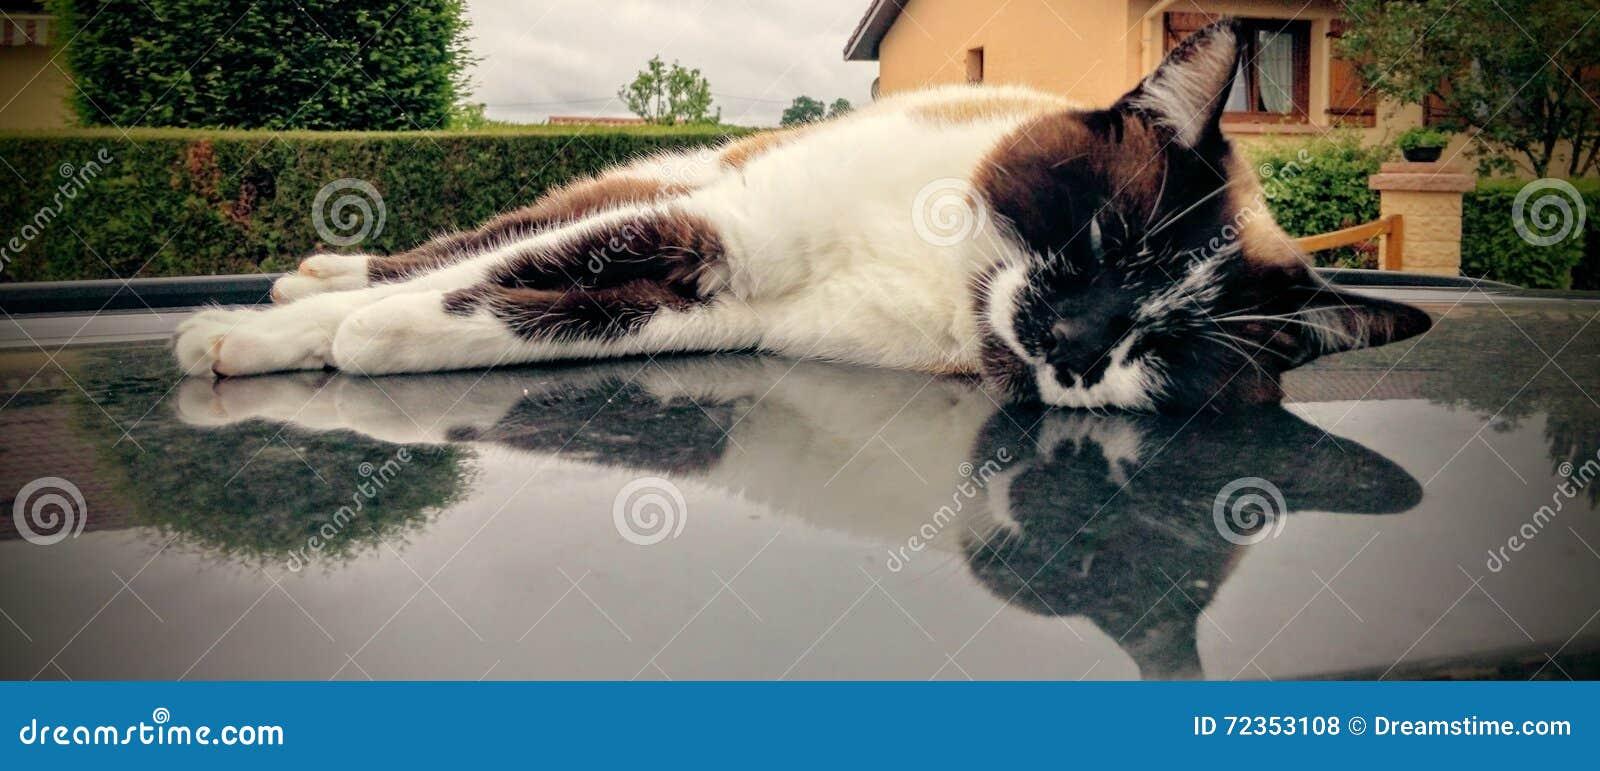 在汽车屋顶/闲谈sur le toit de la voiture的猫